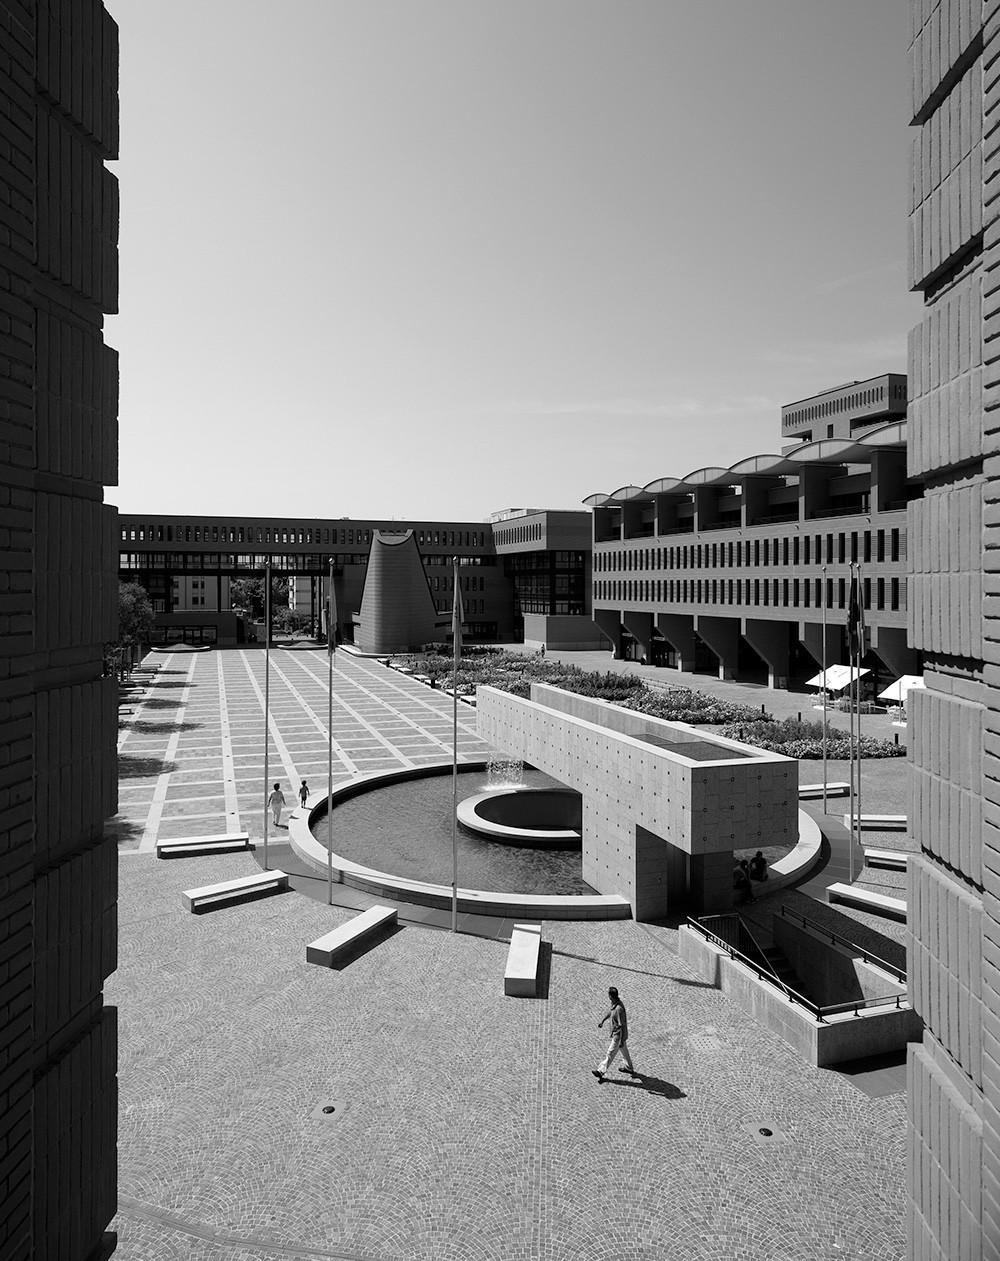 近期北京特展 理想之境 马里奥 博塔建筑与设计展